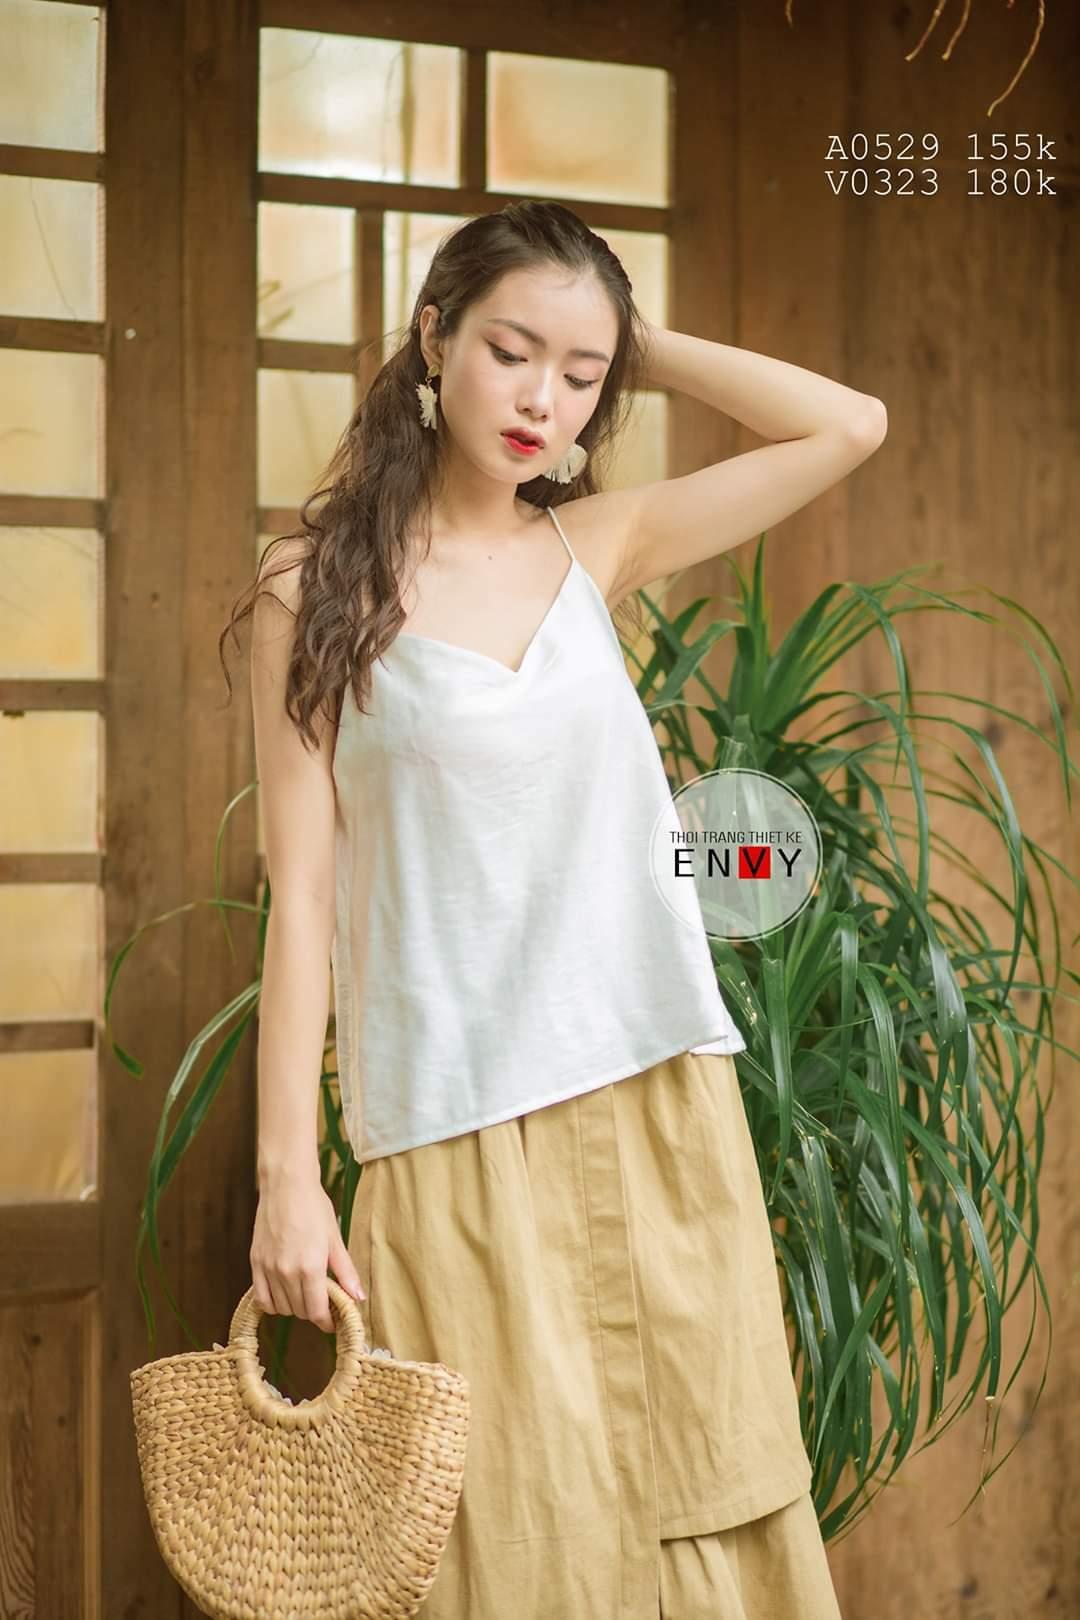 Thời trang ENVY có đủ lượng sản phẩm đểphục vụ nhu cầu mua sắm của khách hàng trong suốt tuần lễ vàng khuyến mãi.